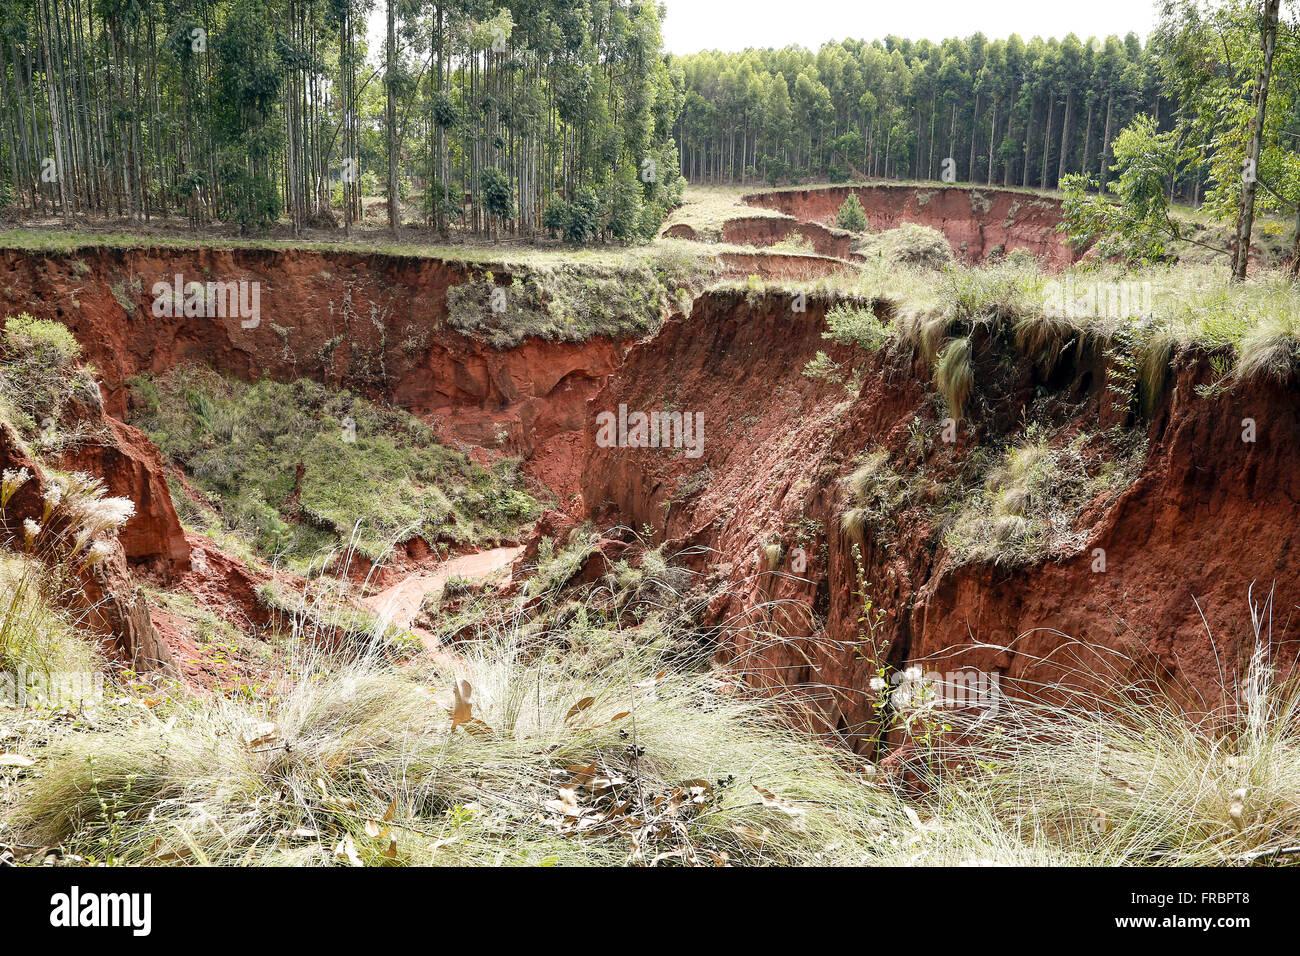 Vossoroca en la zona afectada por el proceso arenization Imagen De Stock